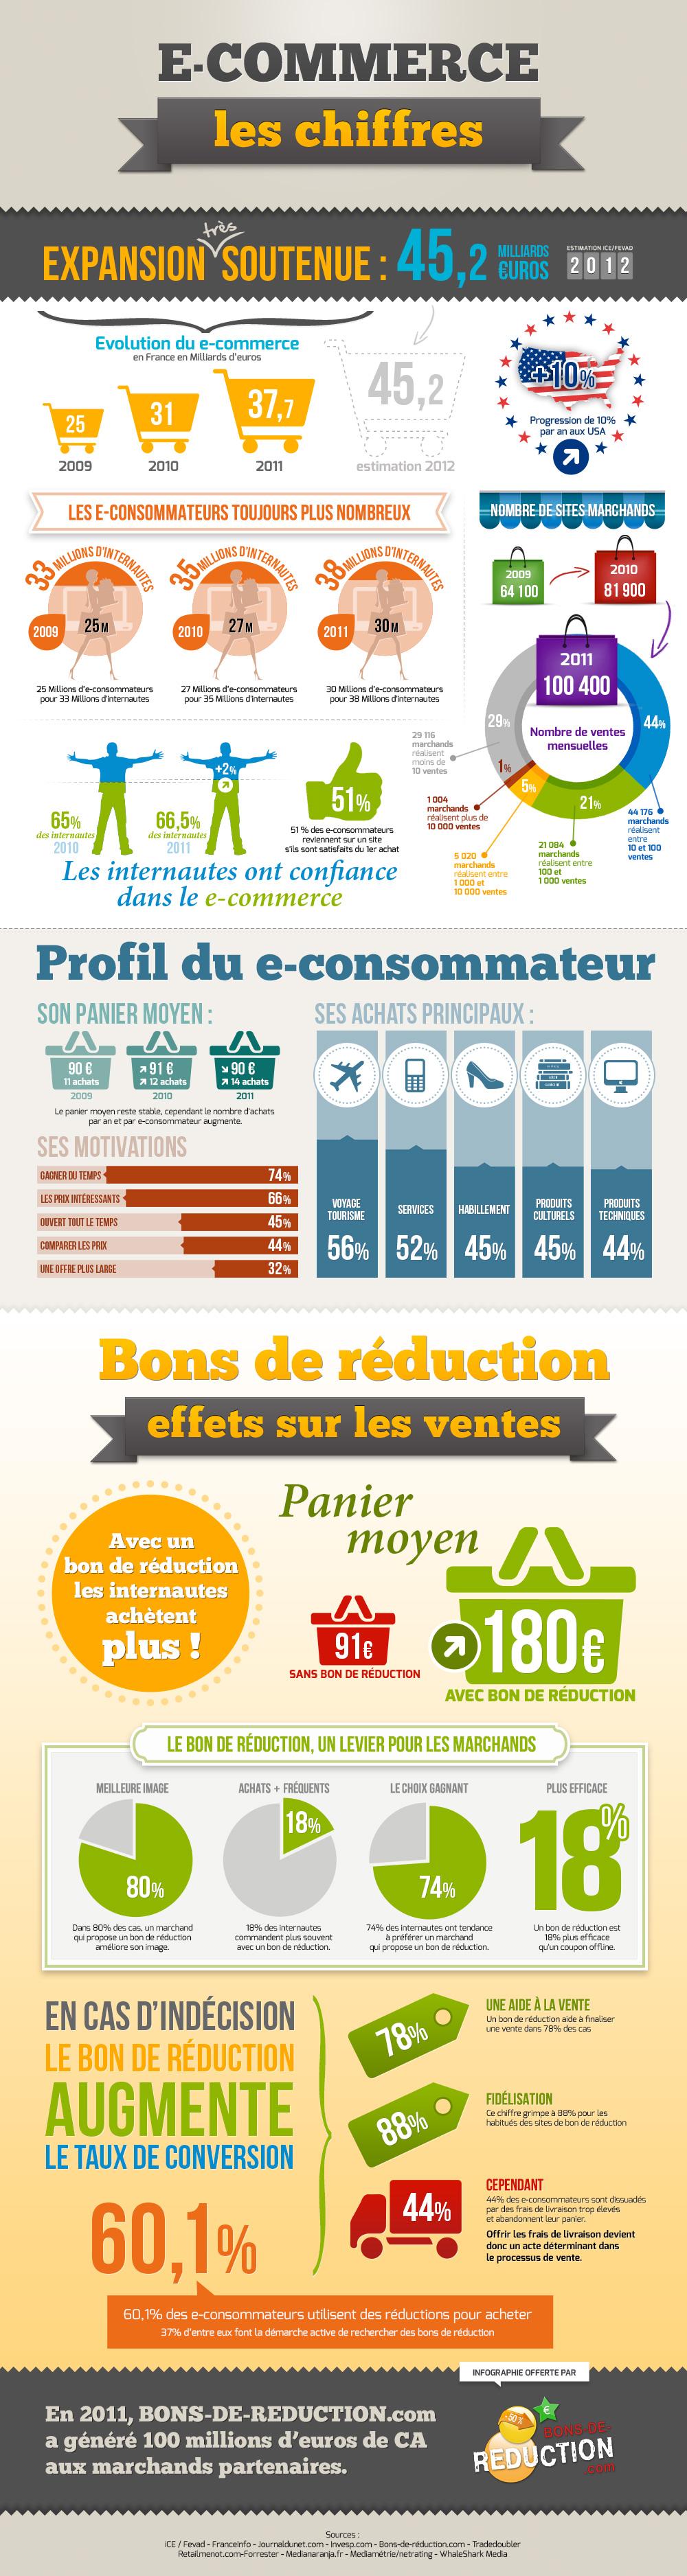 Les chiffres du e-commerce 2012_infographie